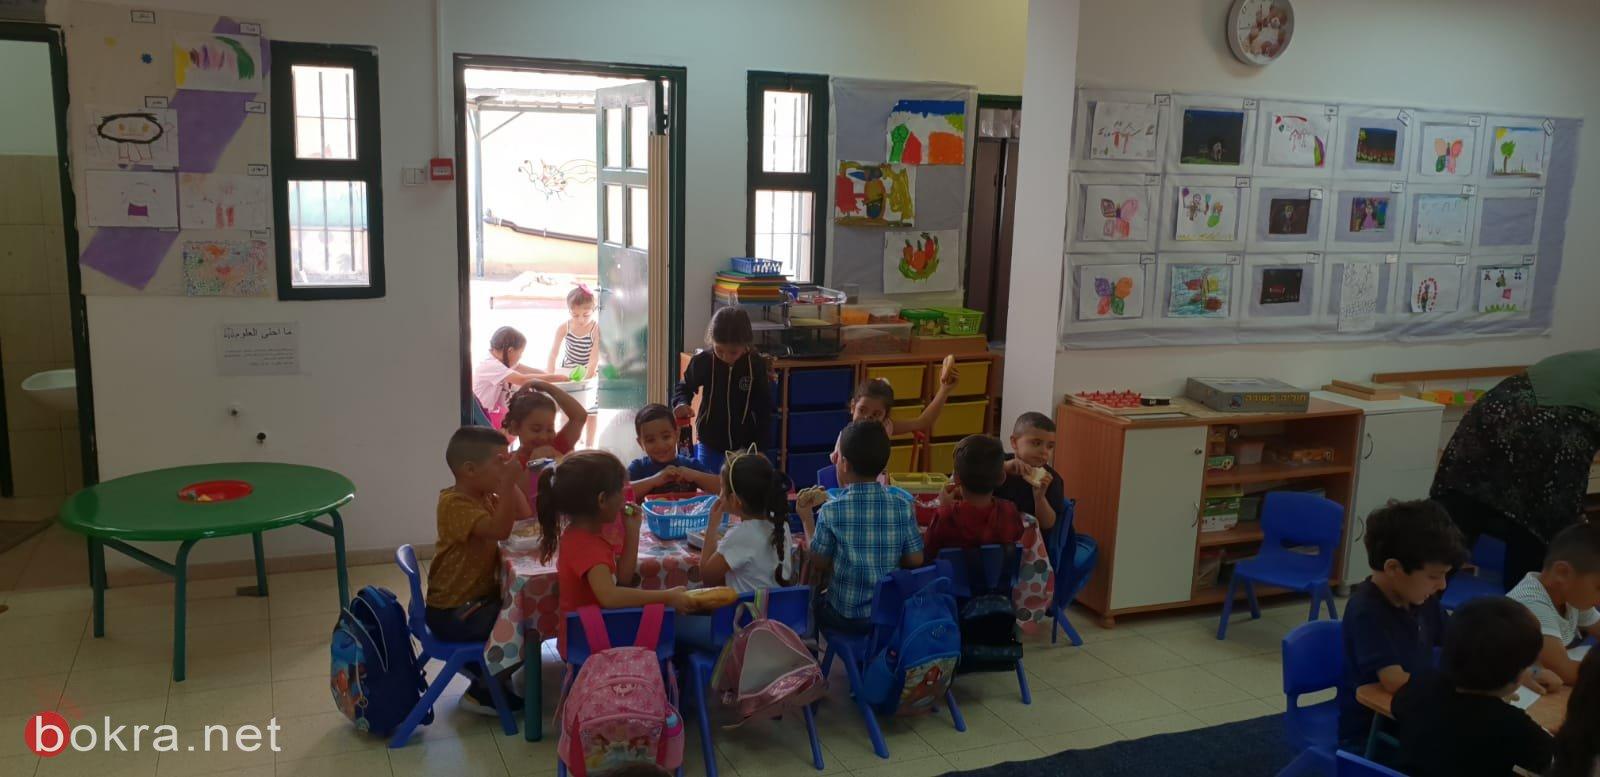 بلدية الناصرة: زيارة لصفوف البساتين والروضات وتفقد اوضاعها